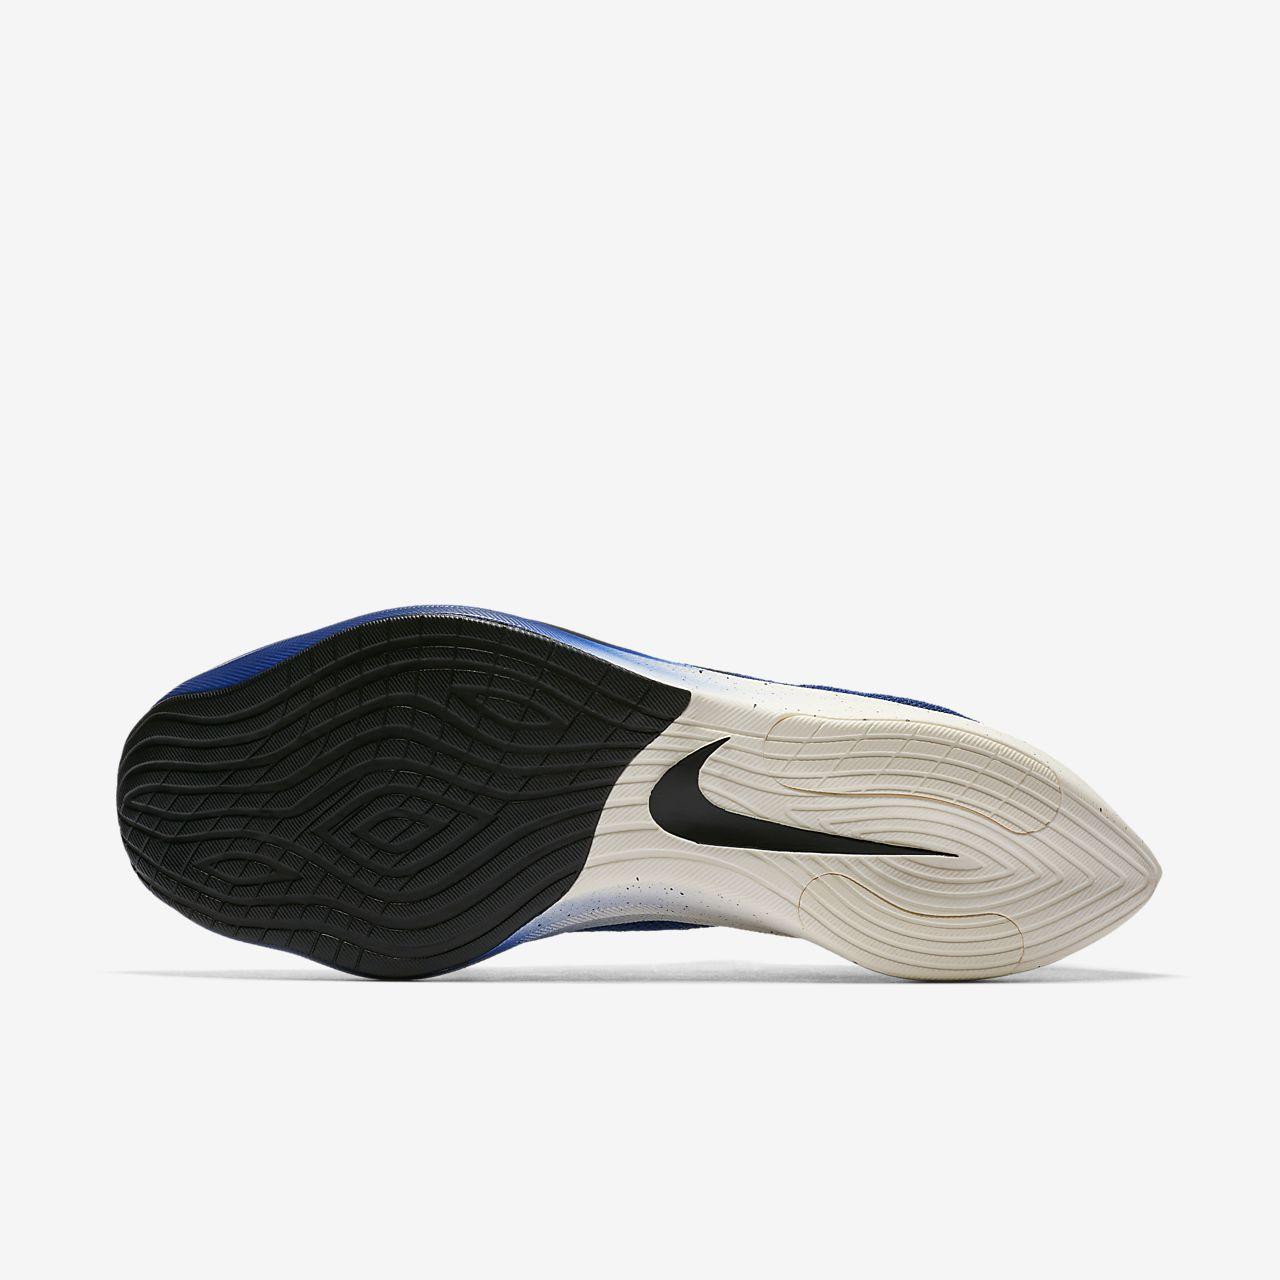 f3eddd6595fd9 Nike React Vapor Street Flyknit Men s Shoe. Nike.com NZ